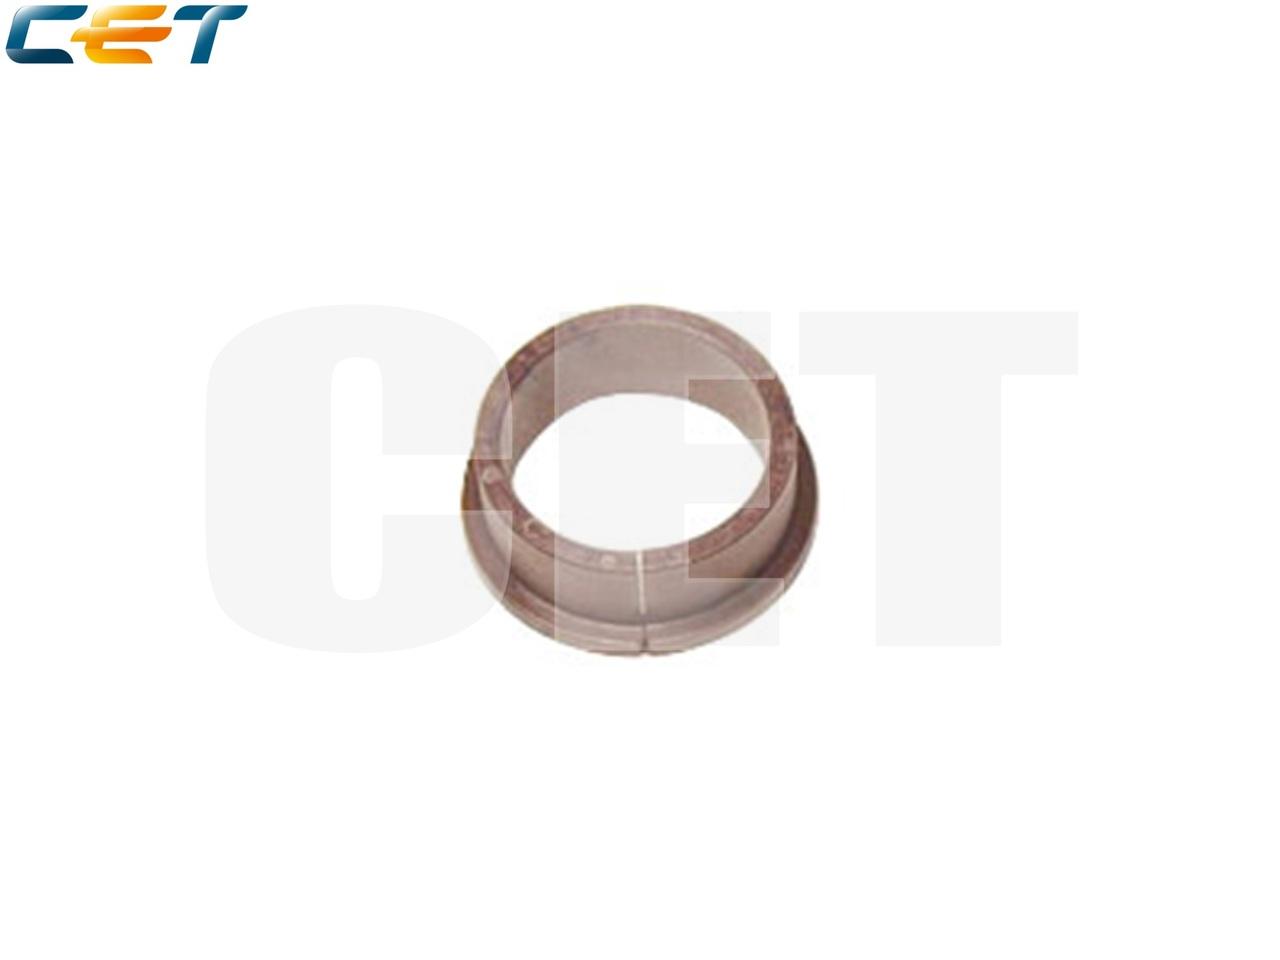 Бушинг резинового вала RB2-5922-000 для HP LaserJet9000/9040/9050 (CET), 2 шт/компл, CET0734